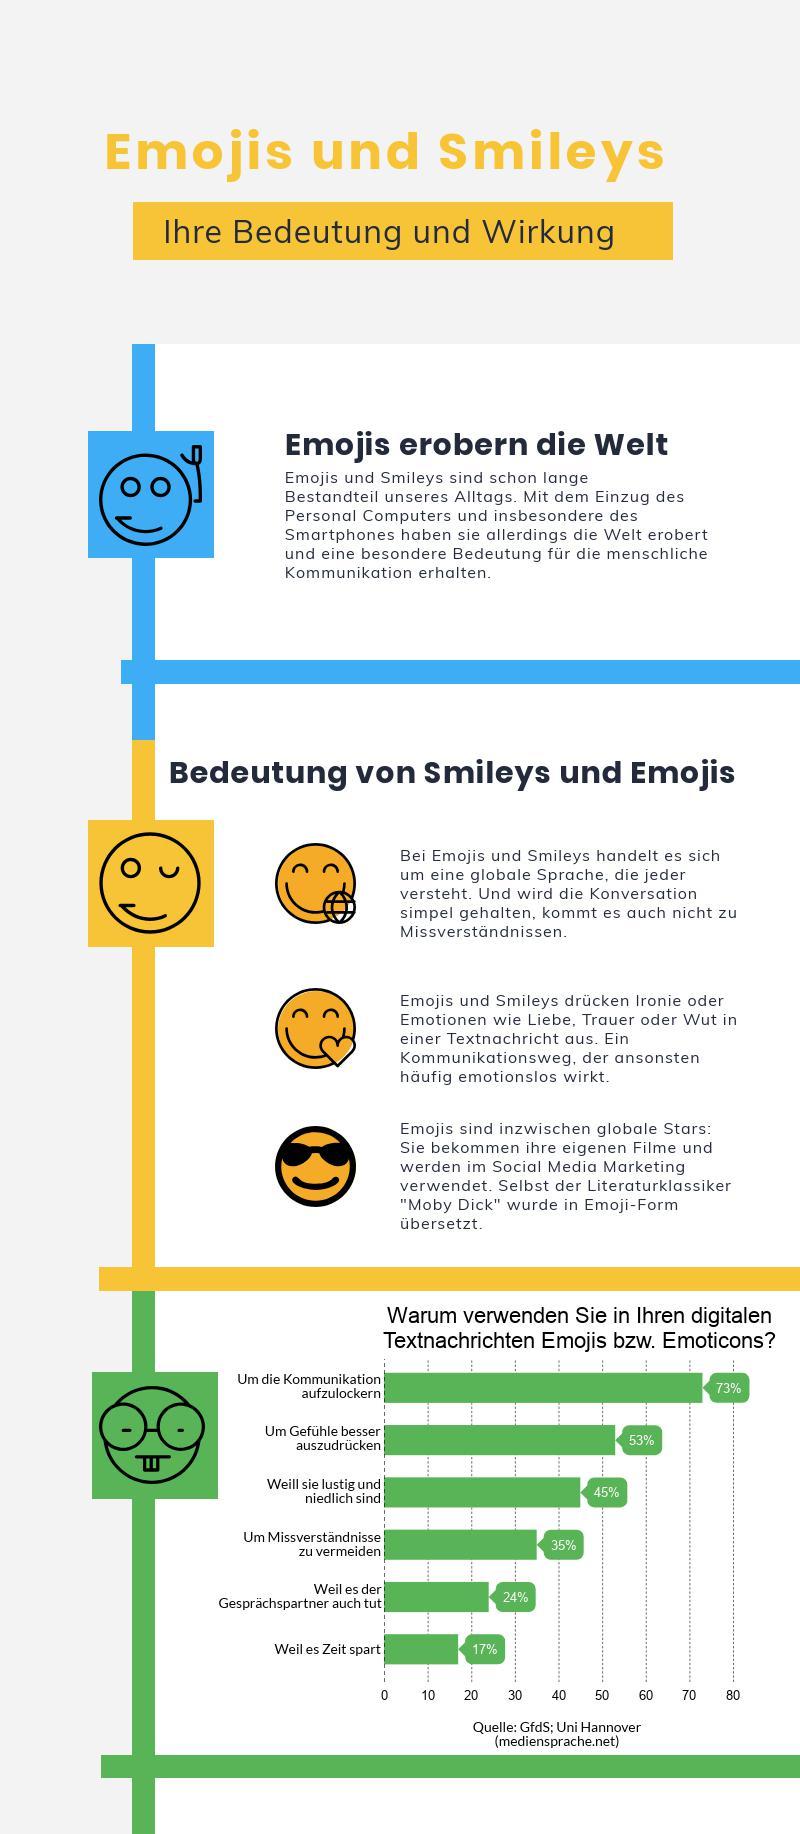 Infografik über die Verwendung und die Bedeutung von Emojis und Smileys in der heutigen Kommunikationswelt